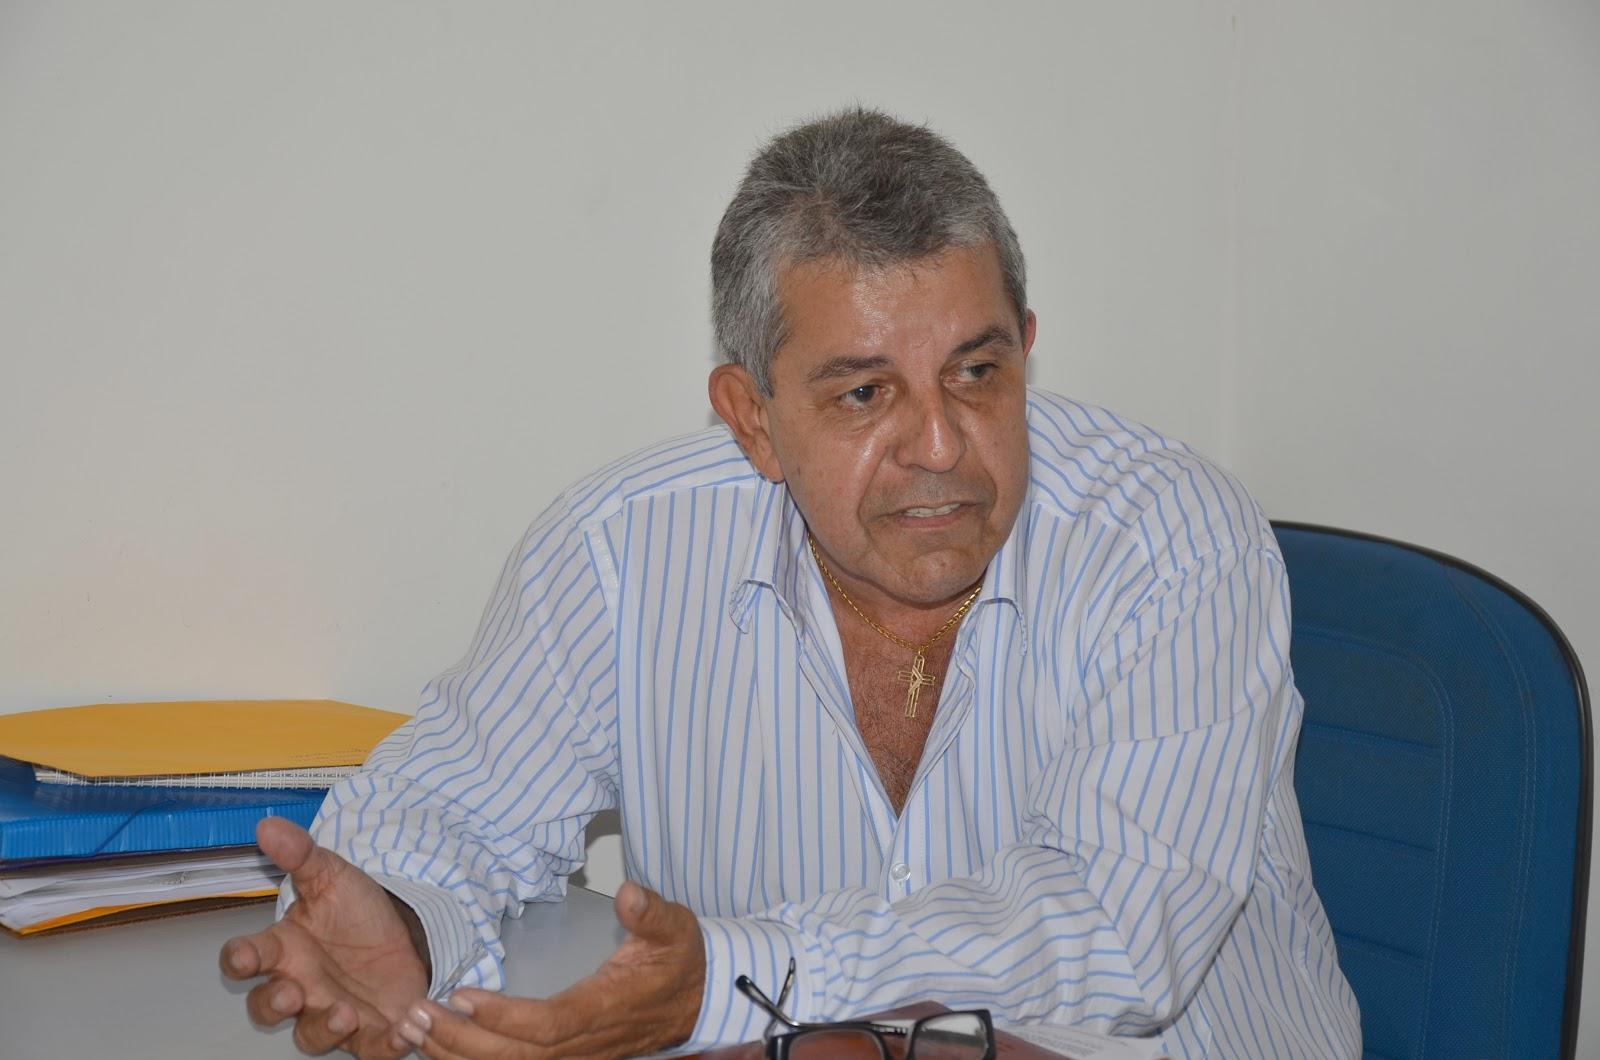 Maricá: Jorge Castor poderá ser o candidato a deputado federal apoiado pelo governo